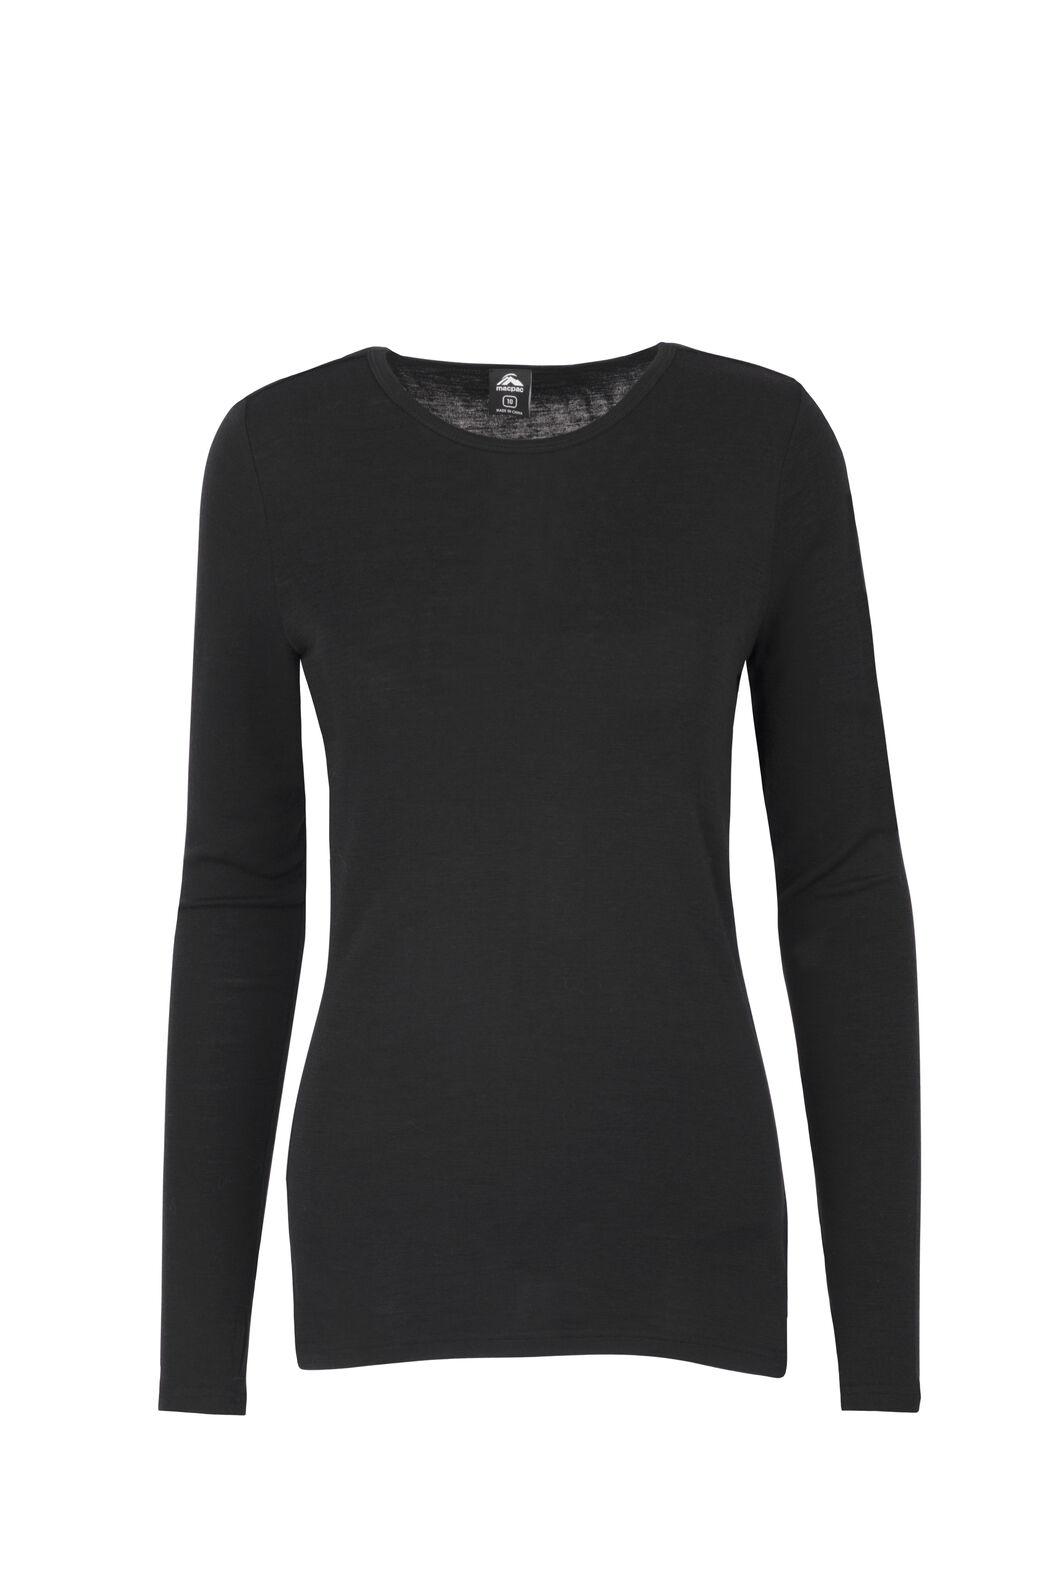 Macpac 220 Merino Top — Women's, Black, hi-res